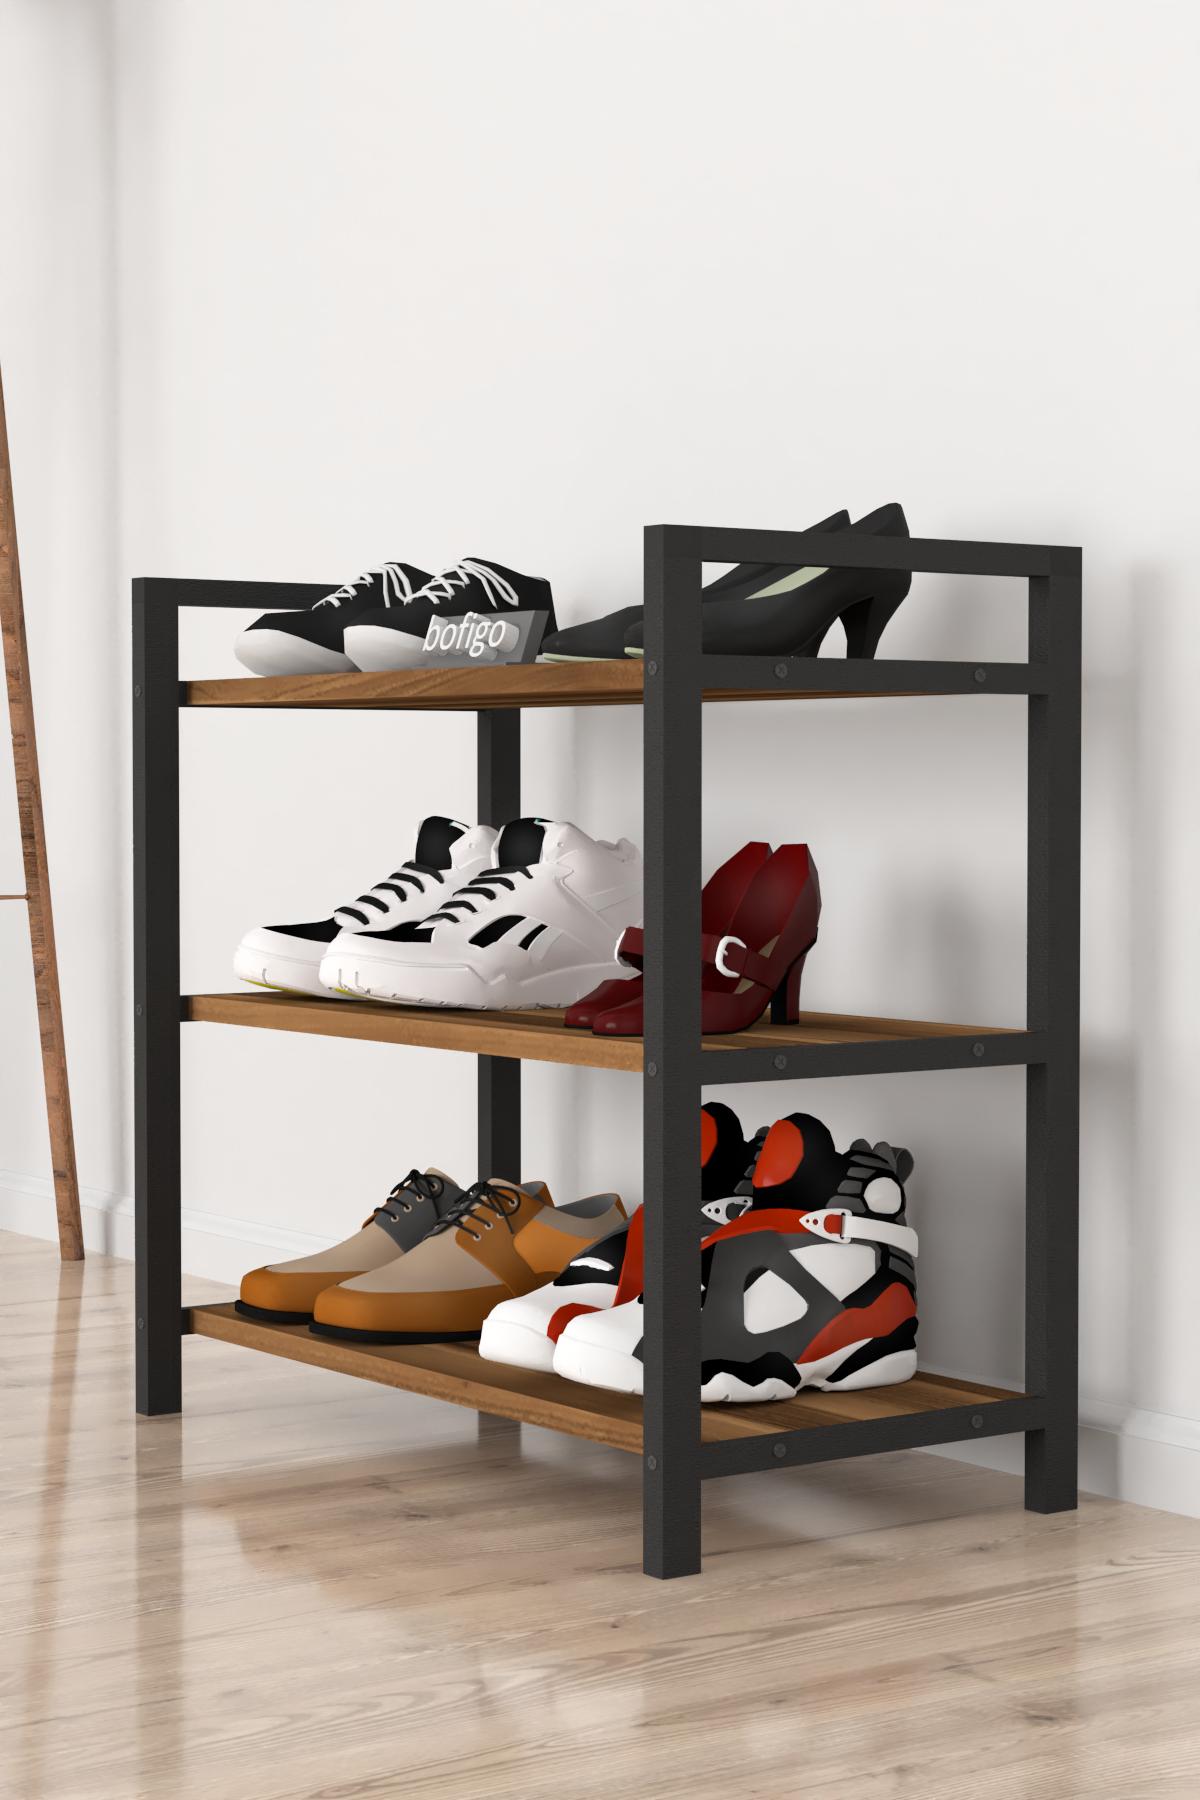 Bofigo Dekoratif 3 Raflı Ayakkabılık Metal Ayakkabılık Ceviz